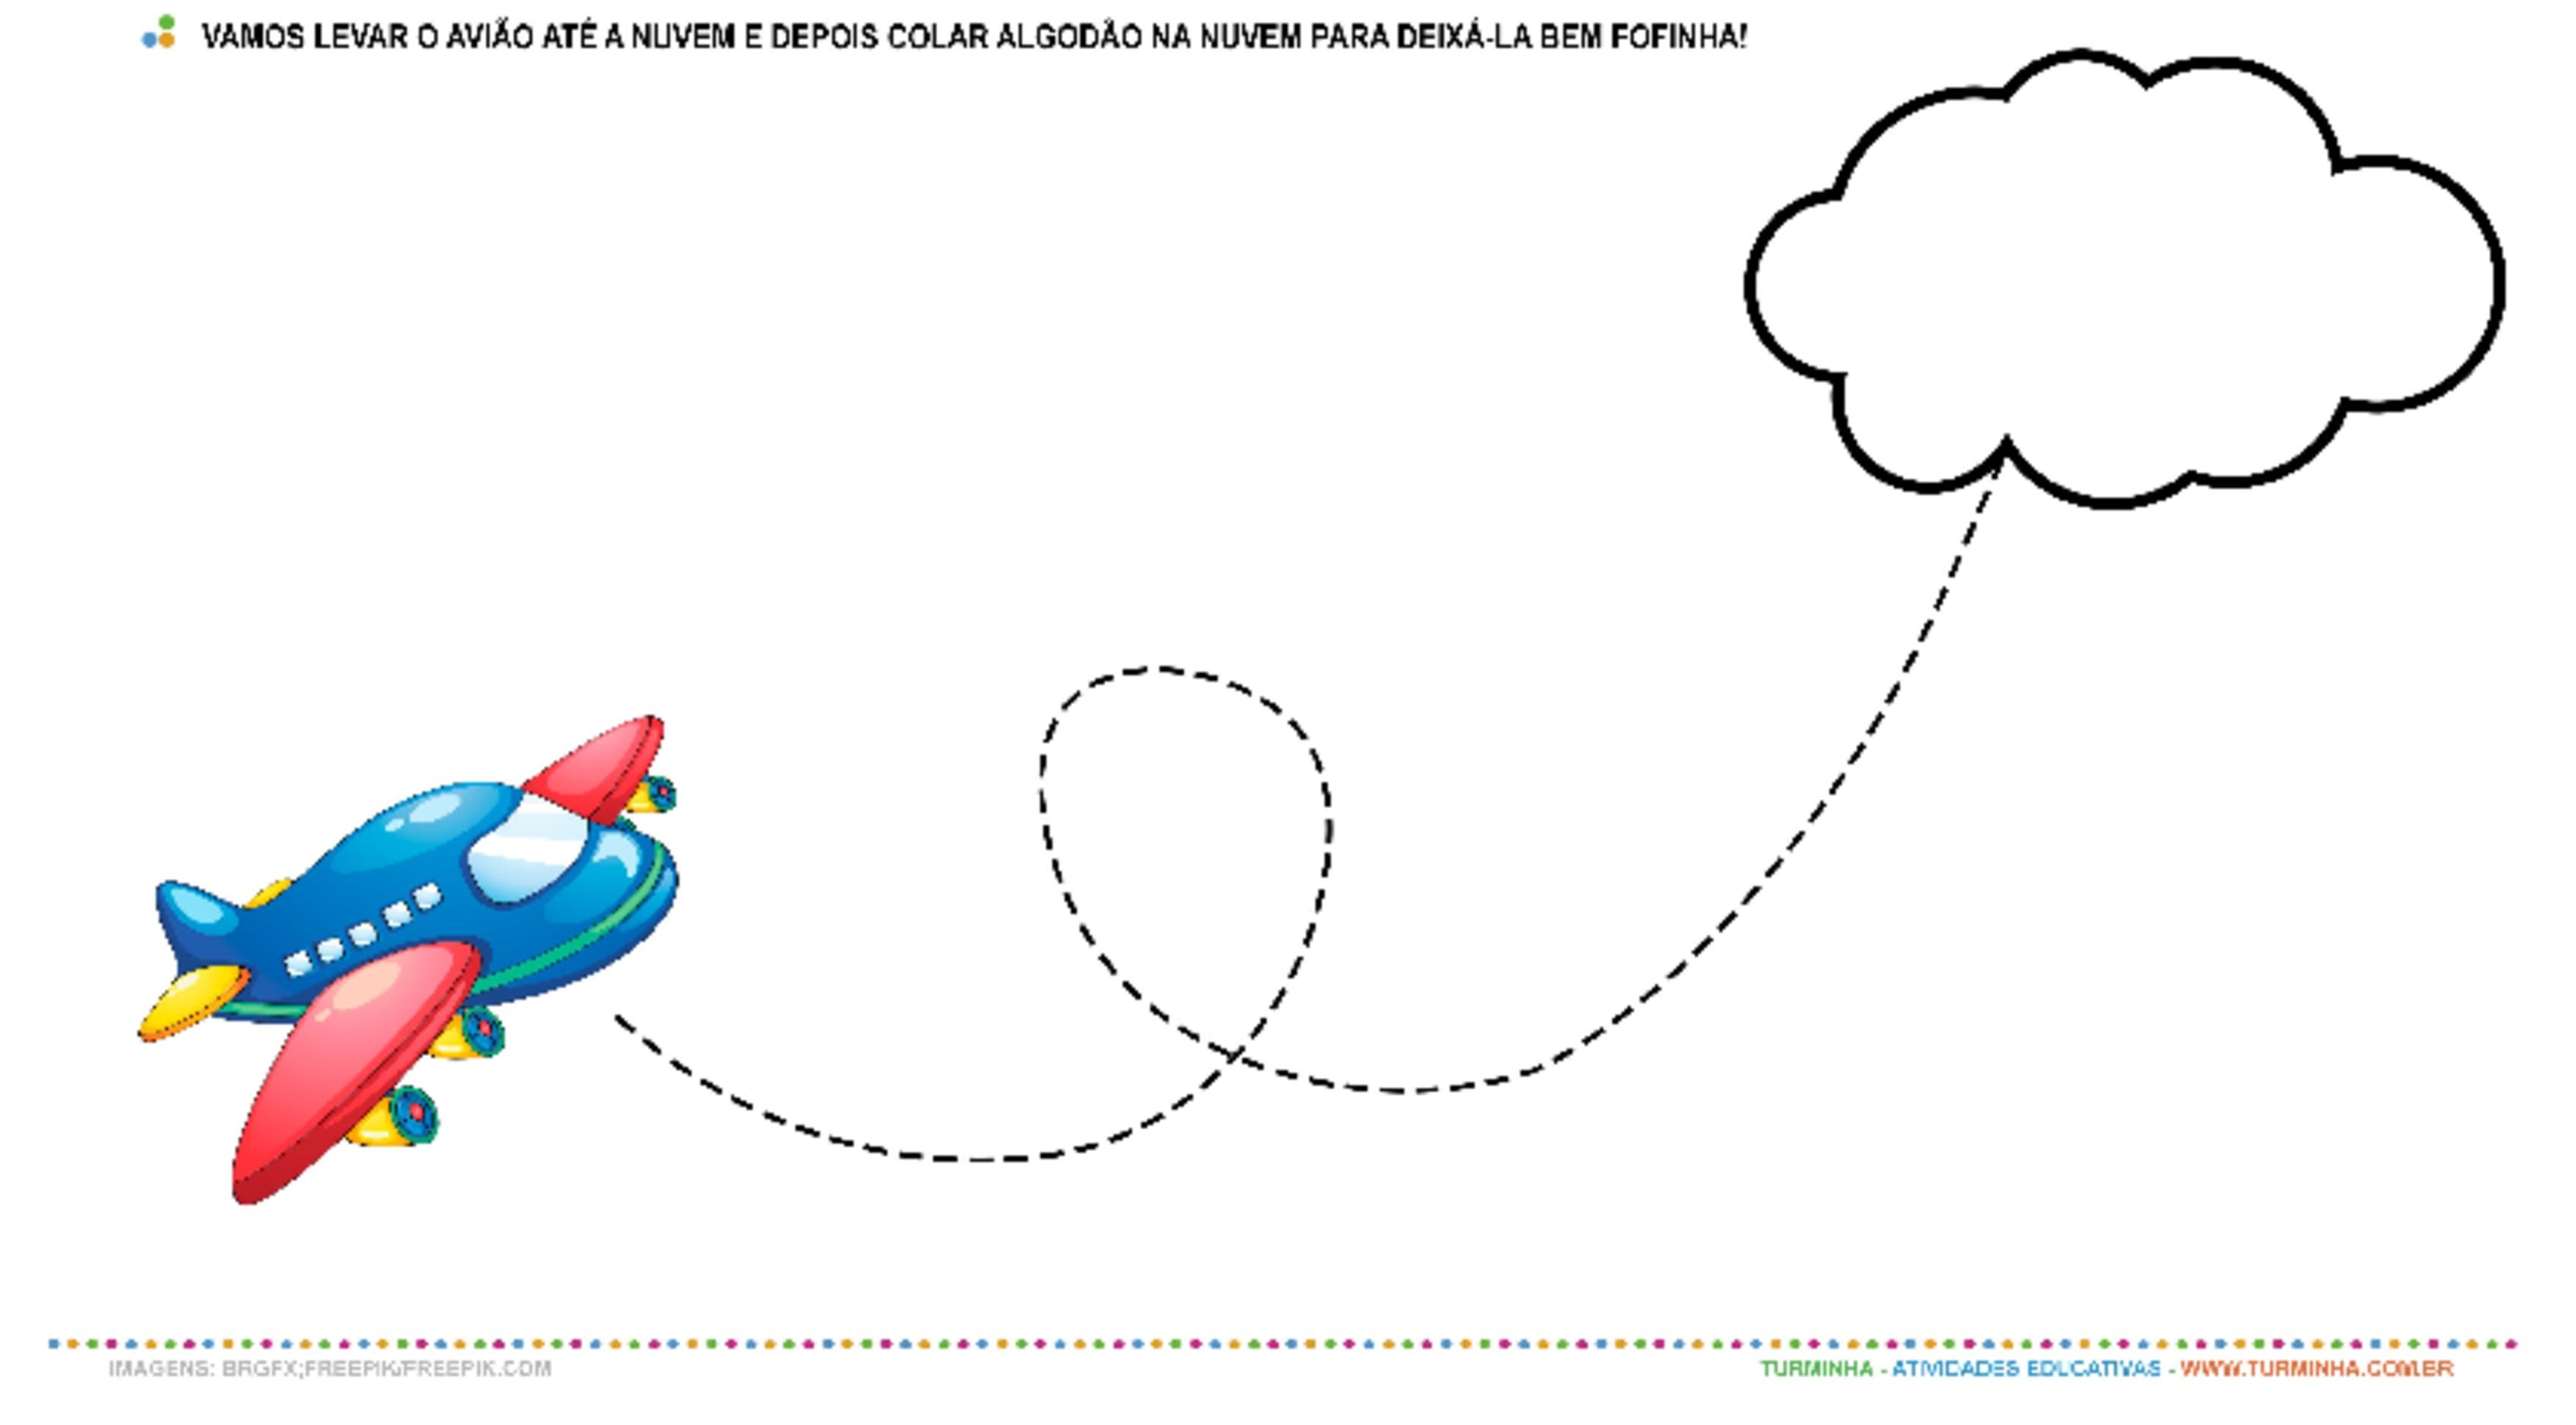 O Avião e a Nuvem - Meios de Transportes - Colagem - atividade educativa para Creche (0 a 3 anos)